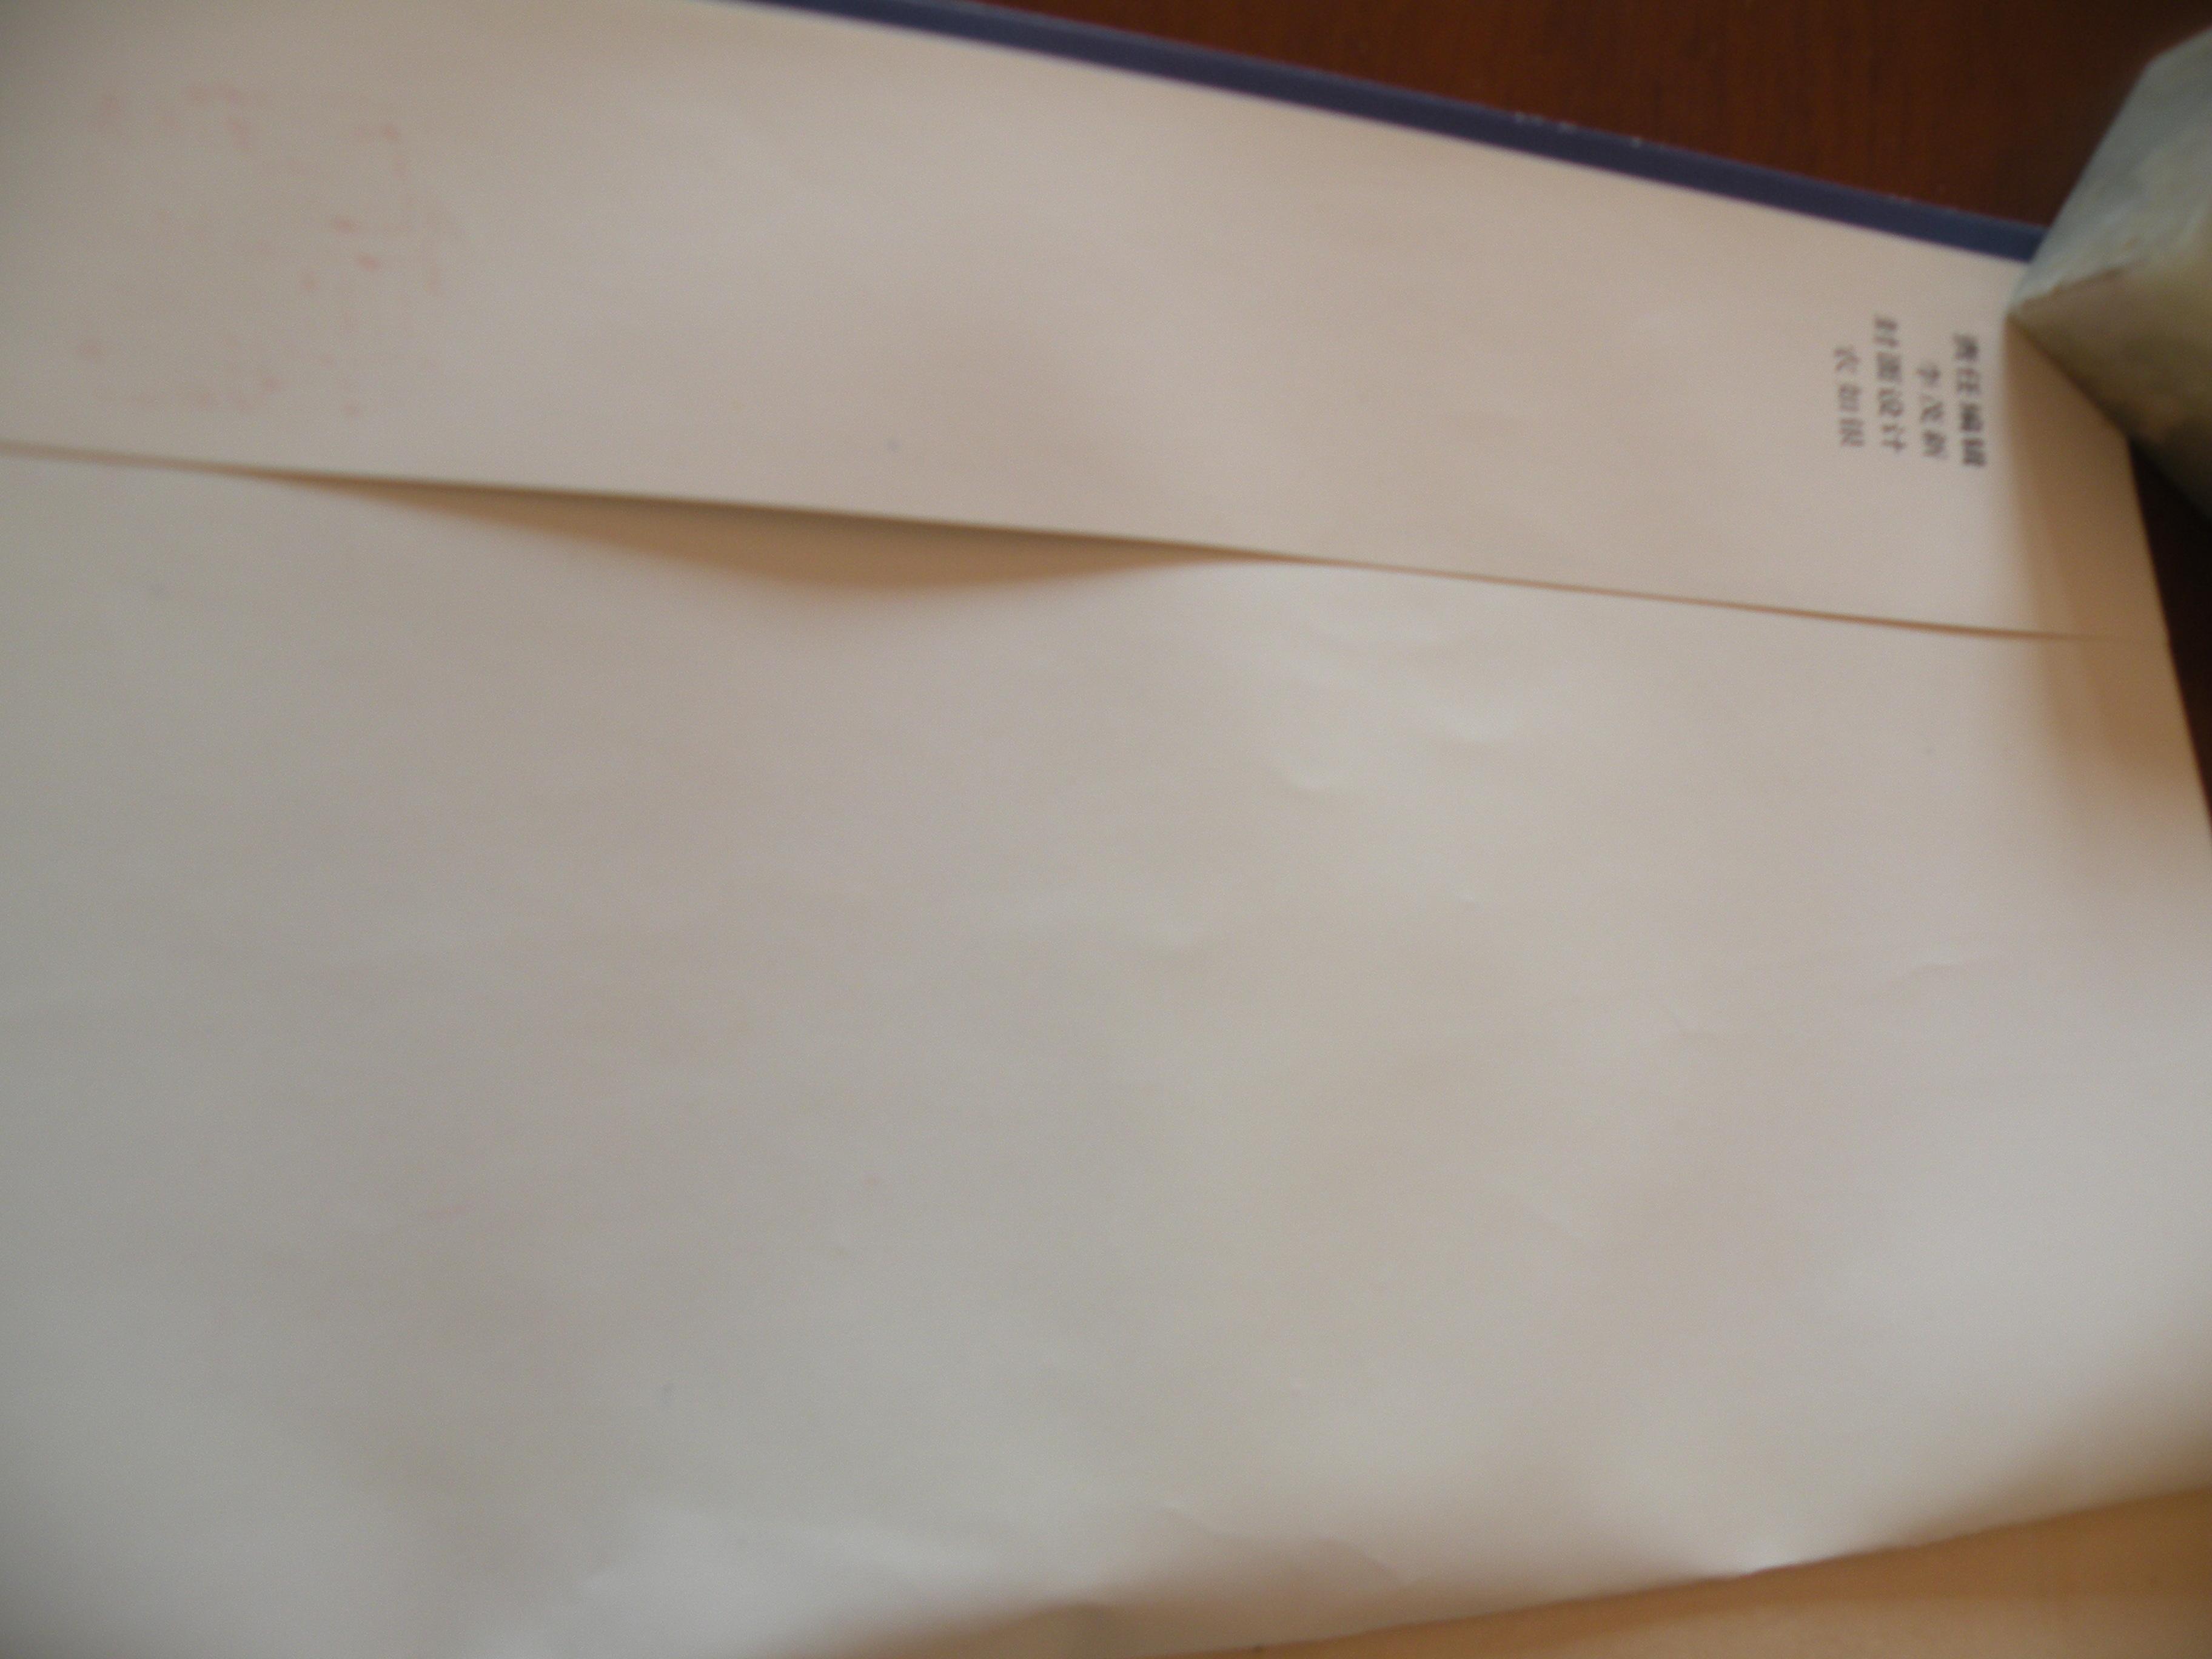 DSCN8455.JPG